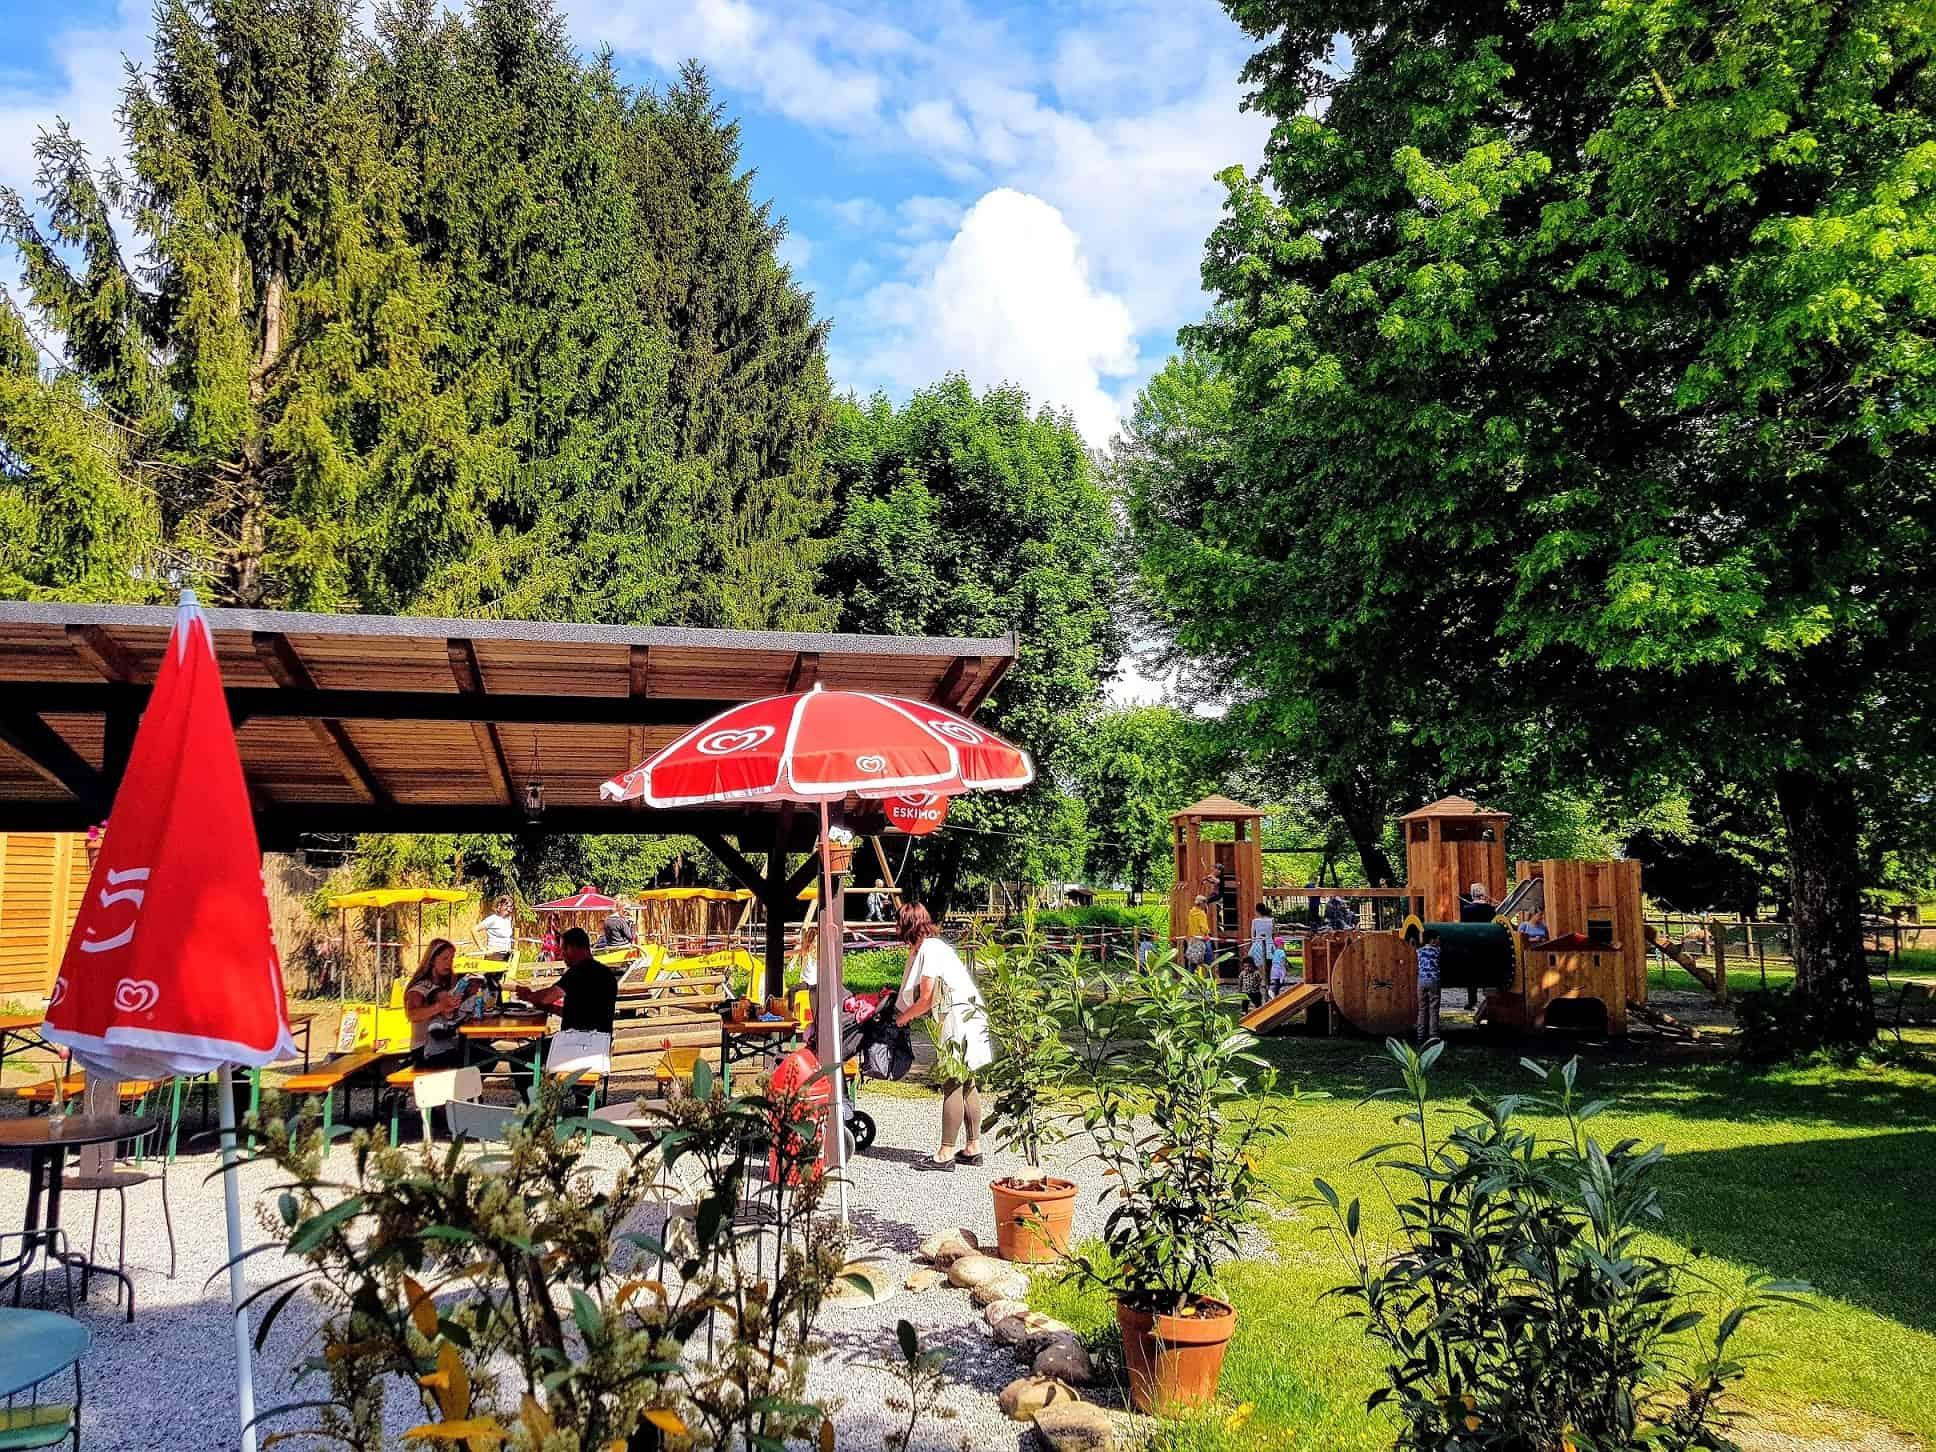 Kinderspielplatz im Freien mit Tierpark Buffet